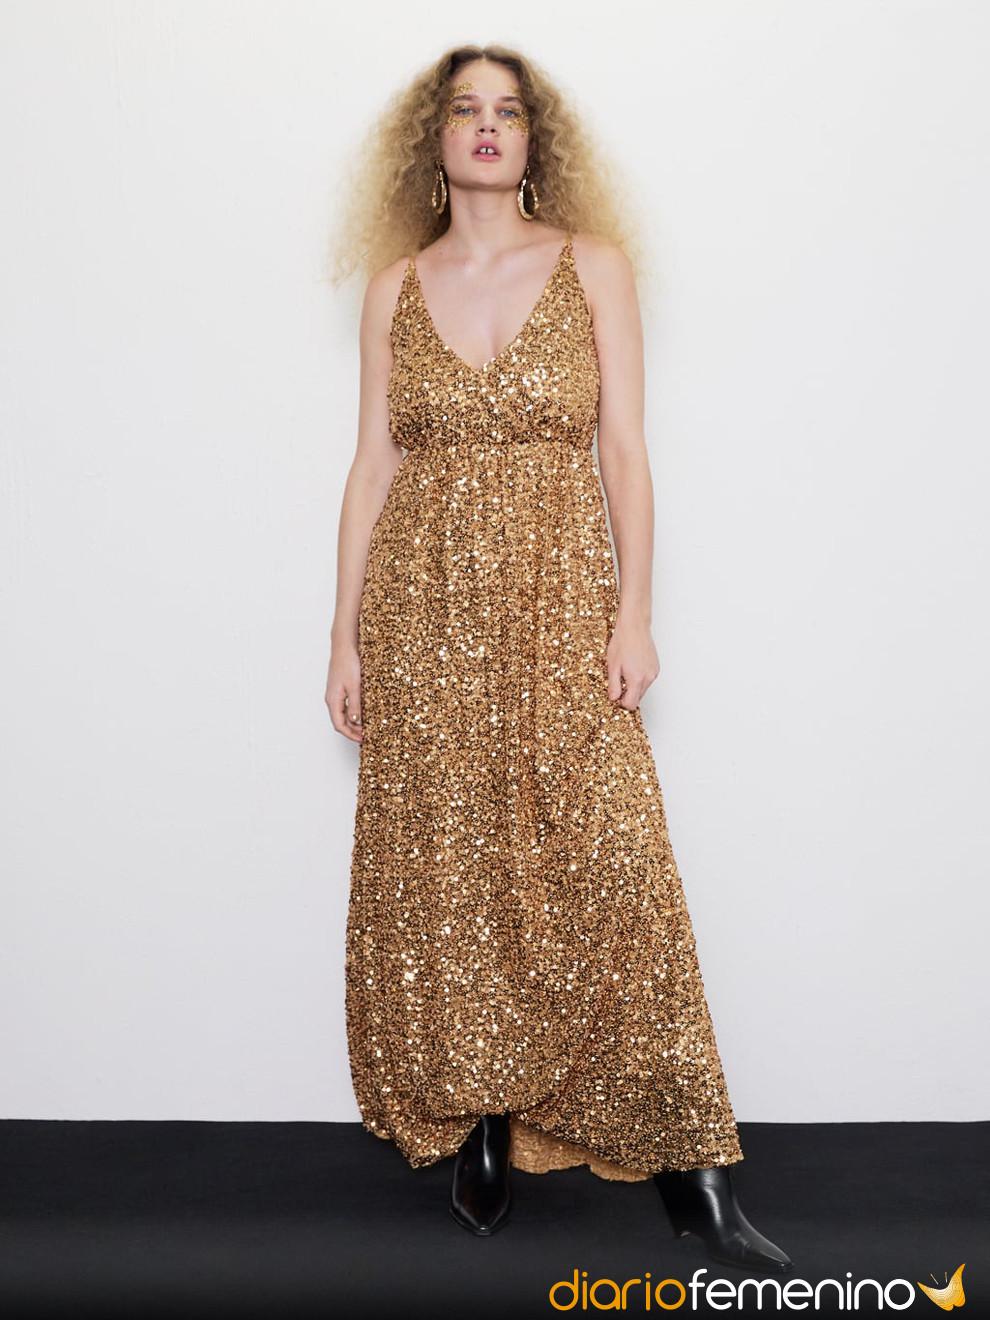 Metalizados De Vestidos Zara¡brillarás La Colección En